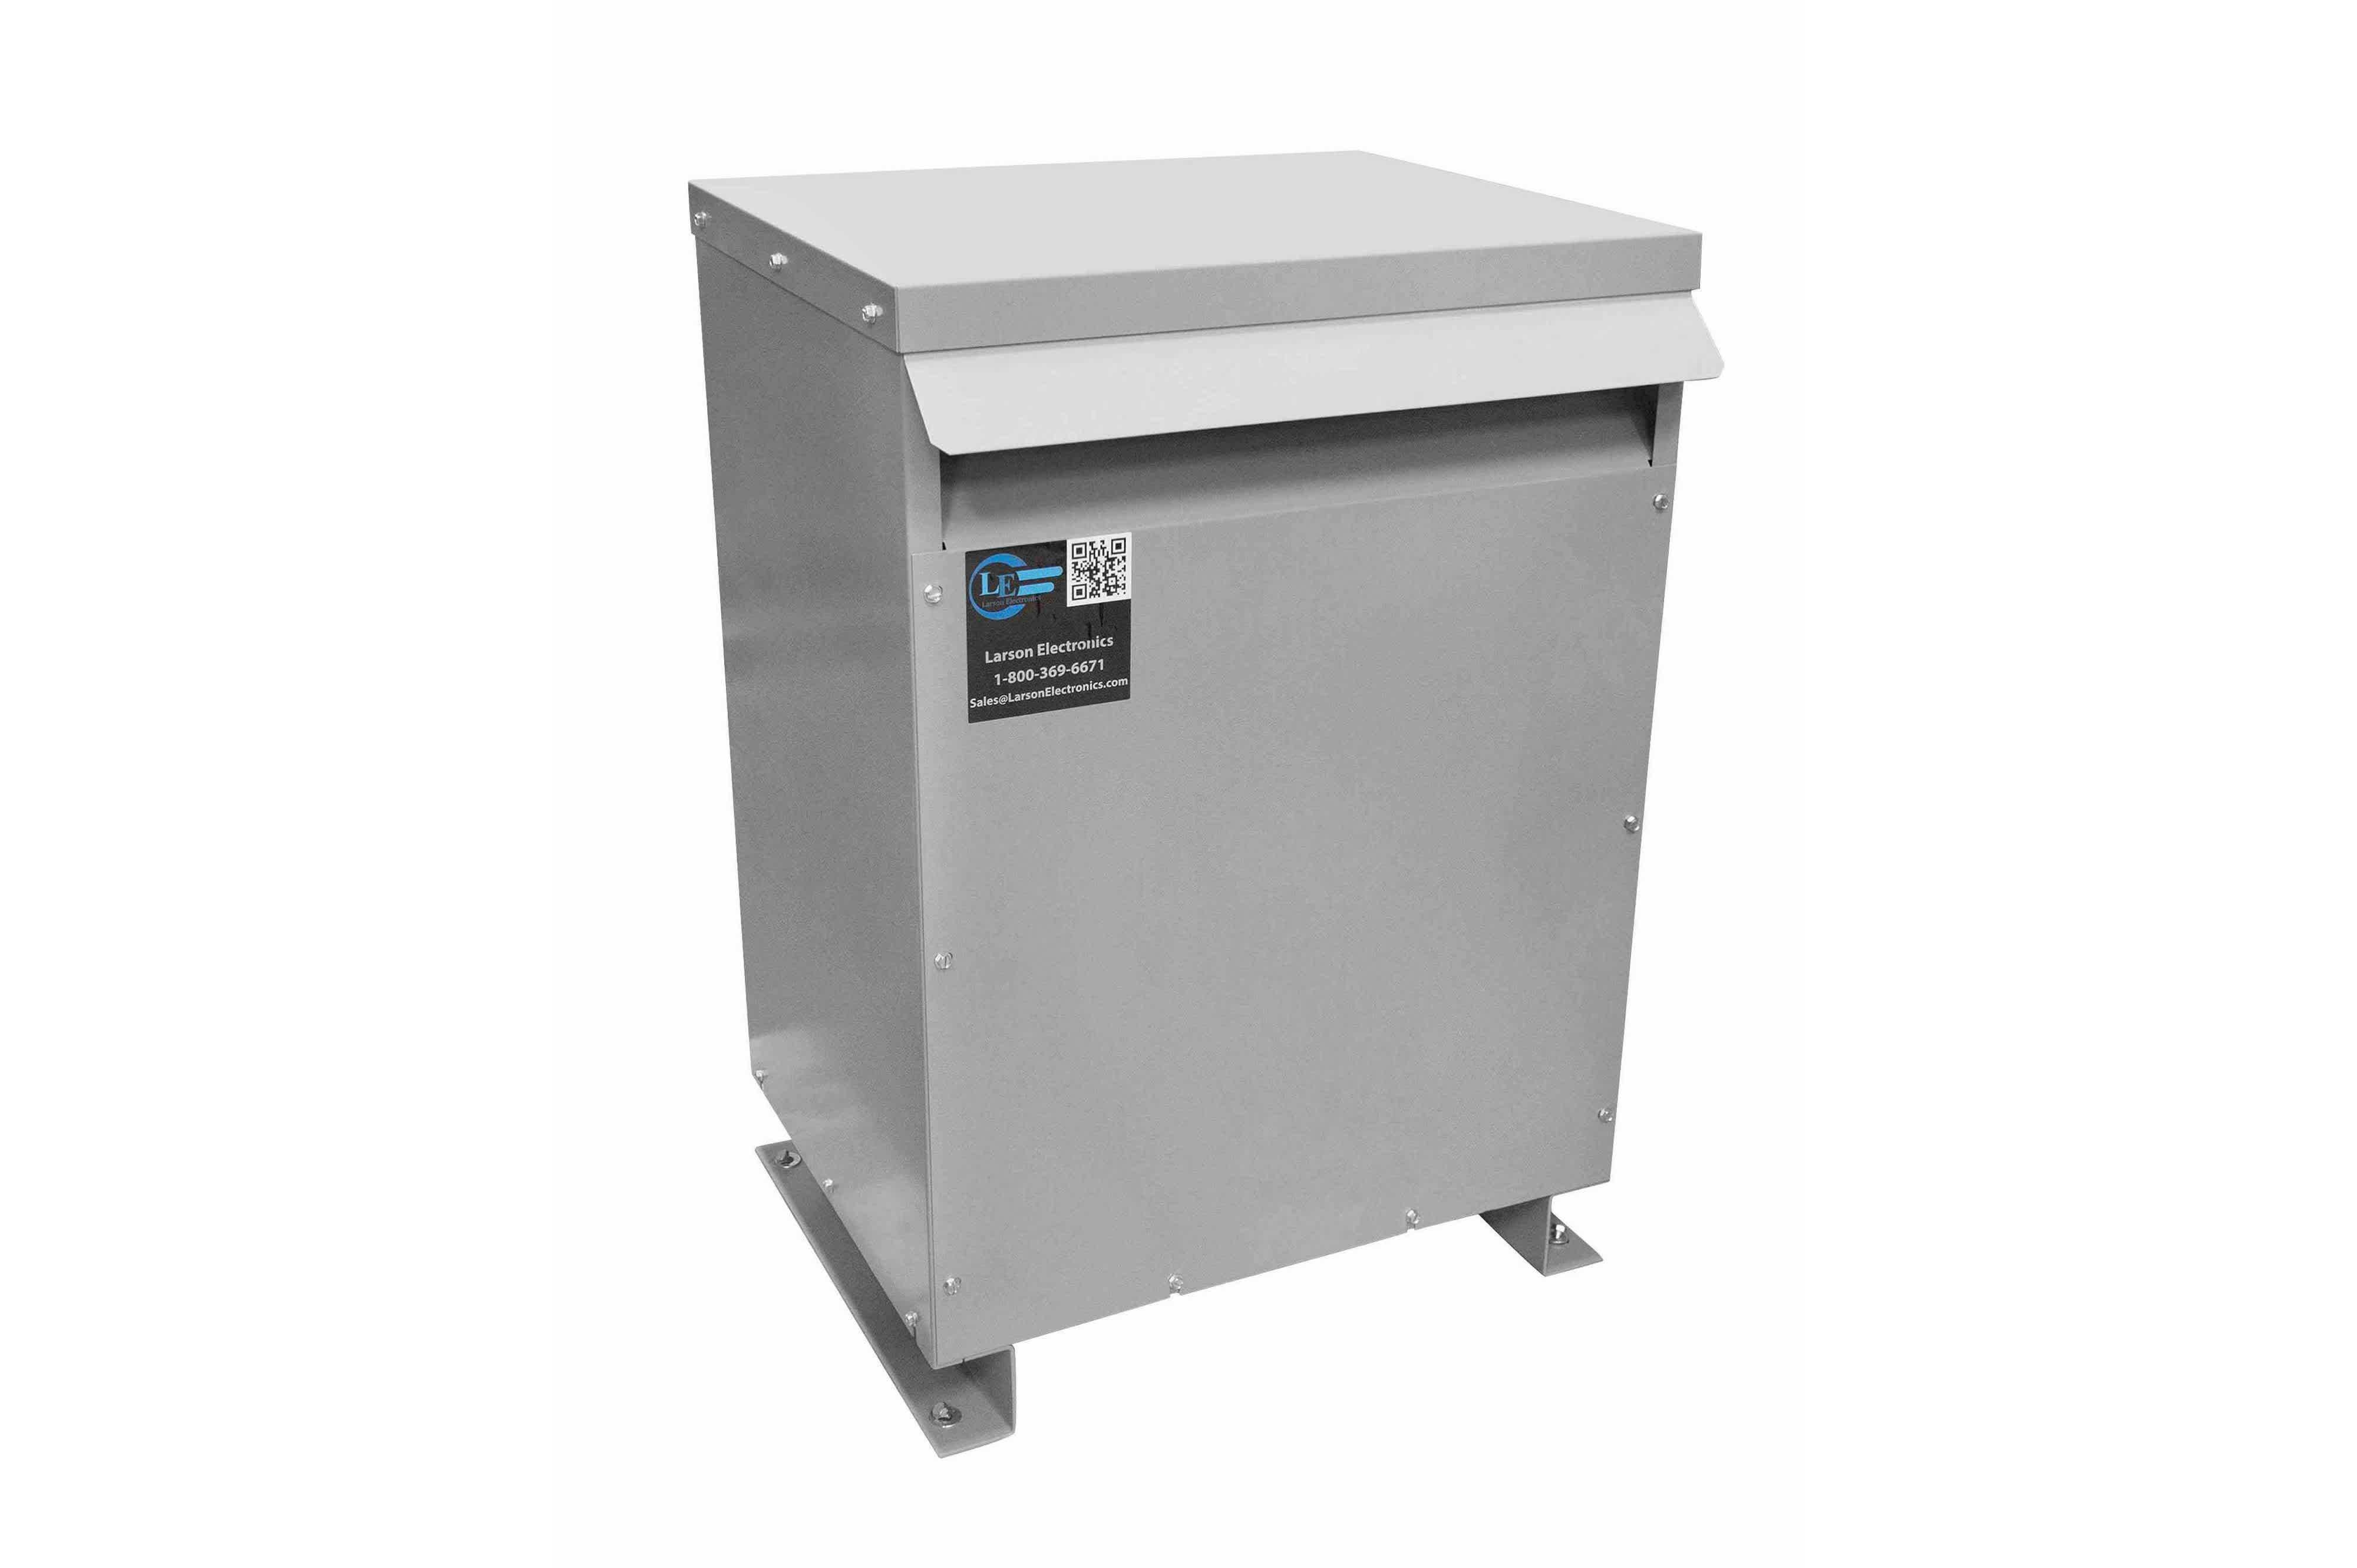 167 kVA 3PH Isolation Transformer, 380V Delta Primary, 480V Delta Secondary, N3R, Ventilated, 60 Hz